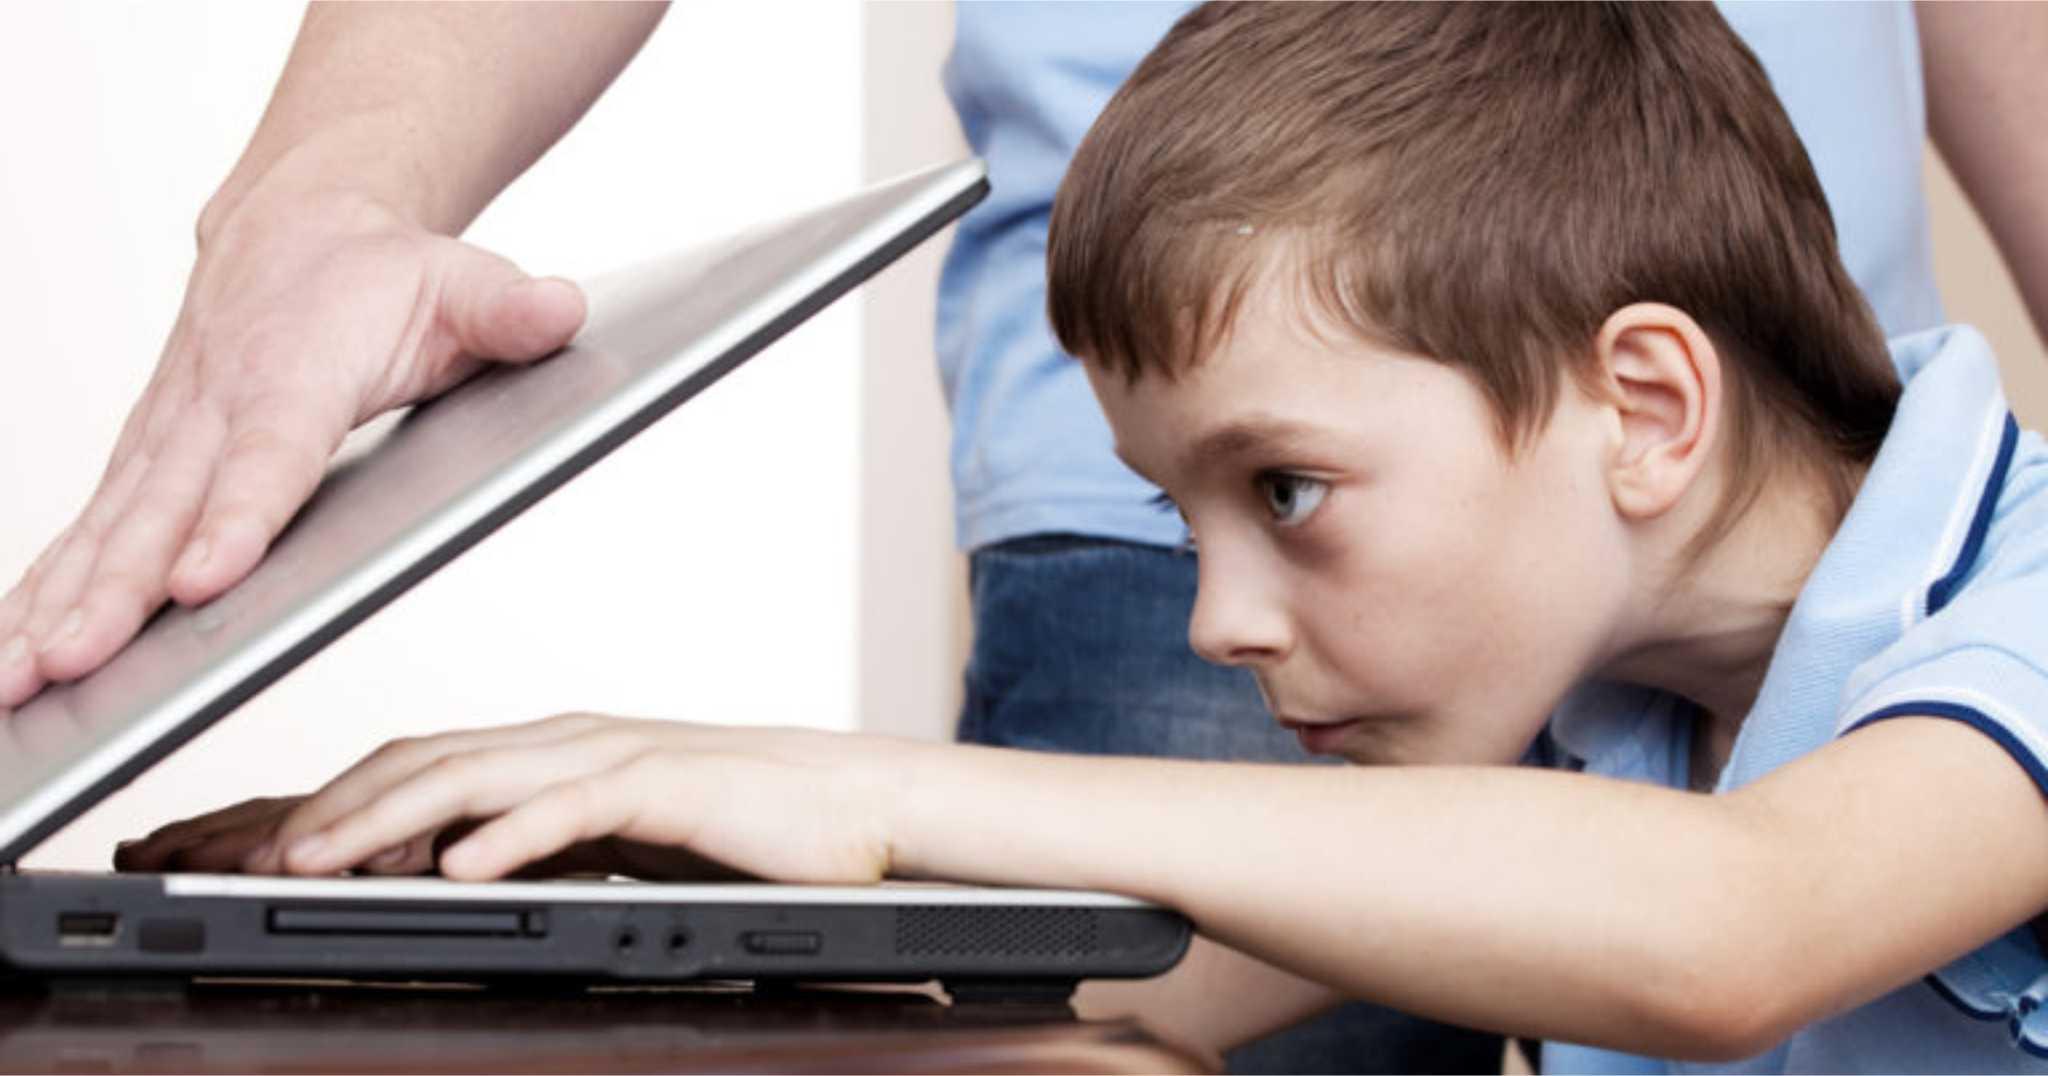 Διαδίκτυο εθισμός έφηβος: Πώς οι γονείς θα αντιμετωπίσουν τον εθισμό των παιδιών στο διαδίκτυο